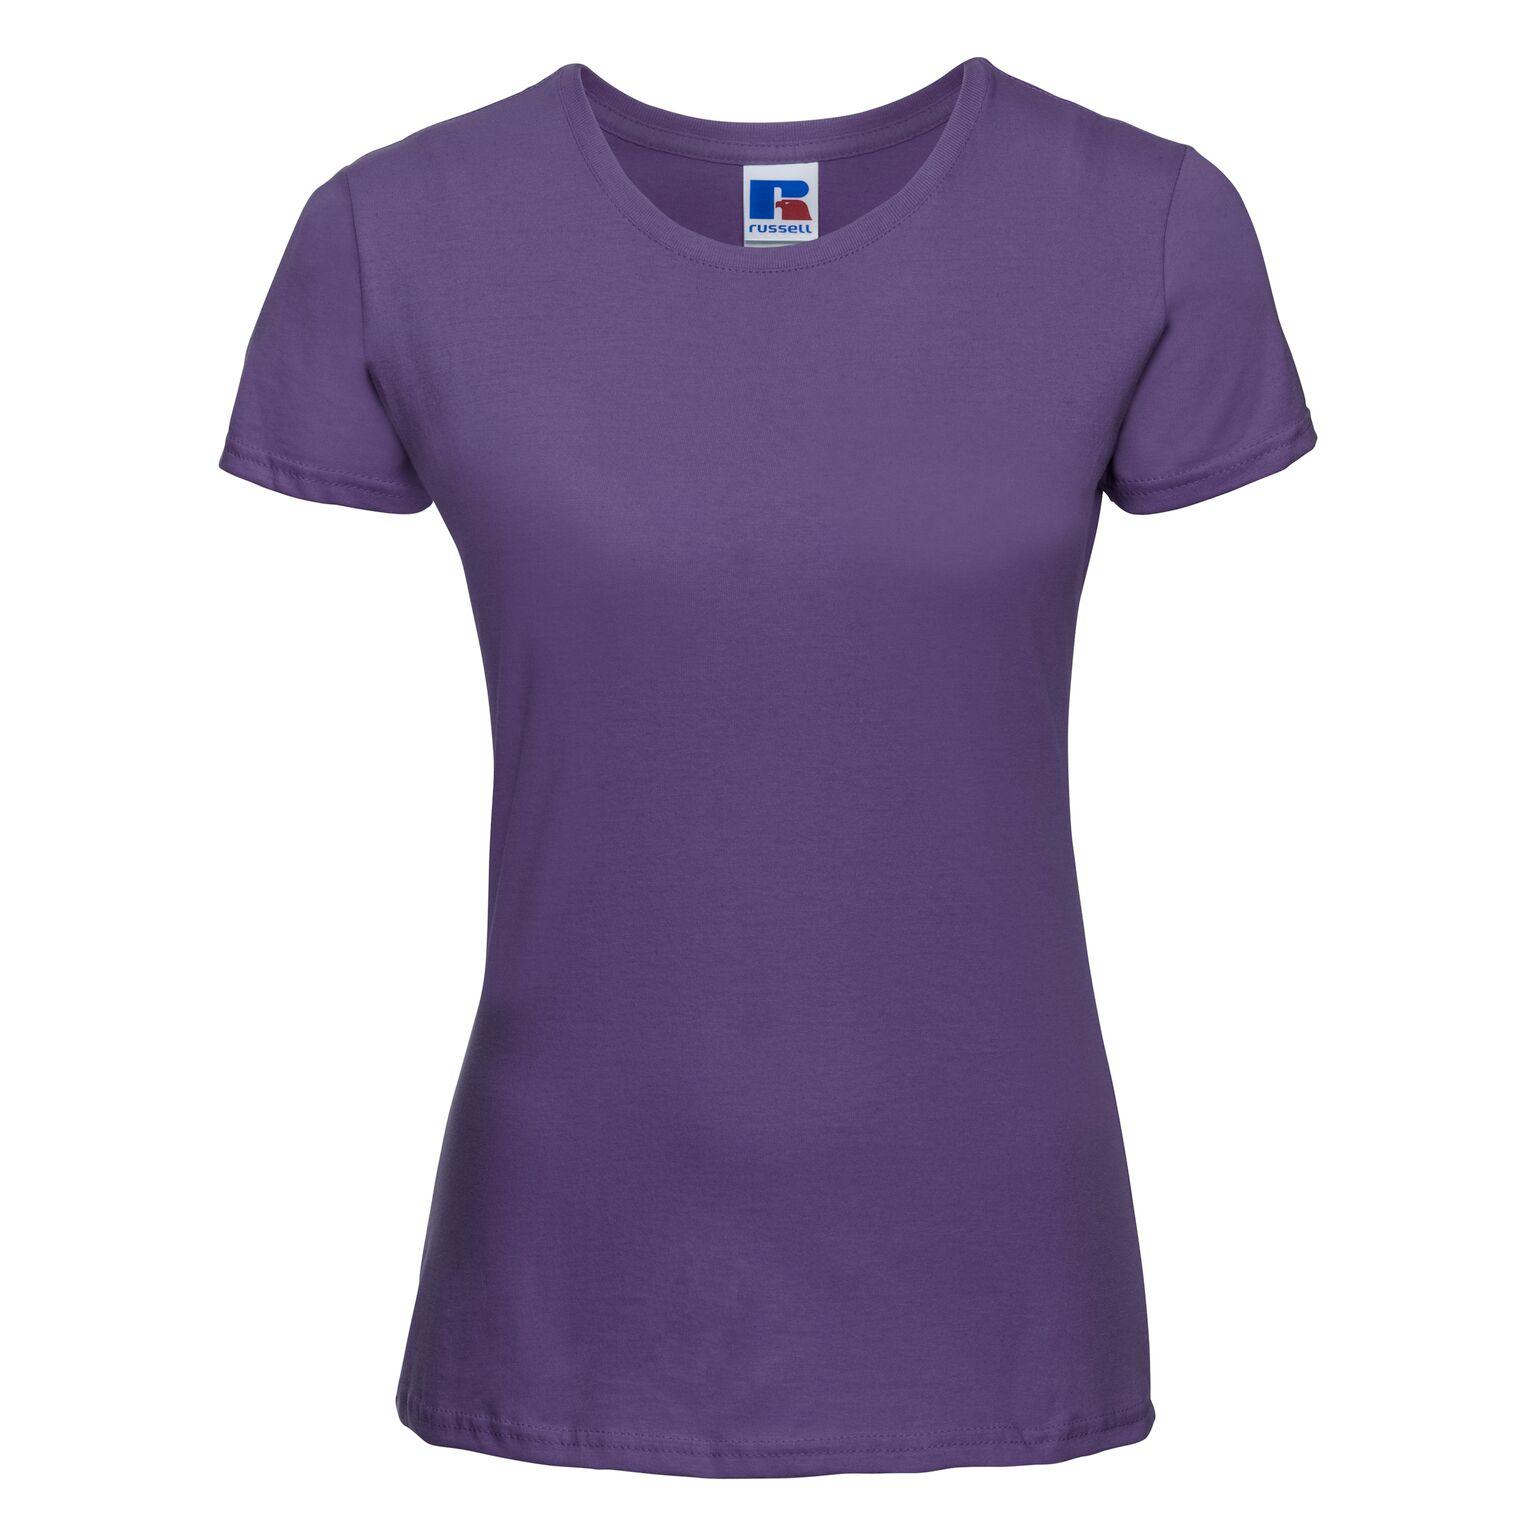 01_j155f_violet--0-0--c2e6c597-5864-40e1-b722-ac40cc21f491